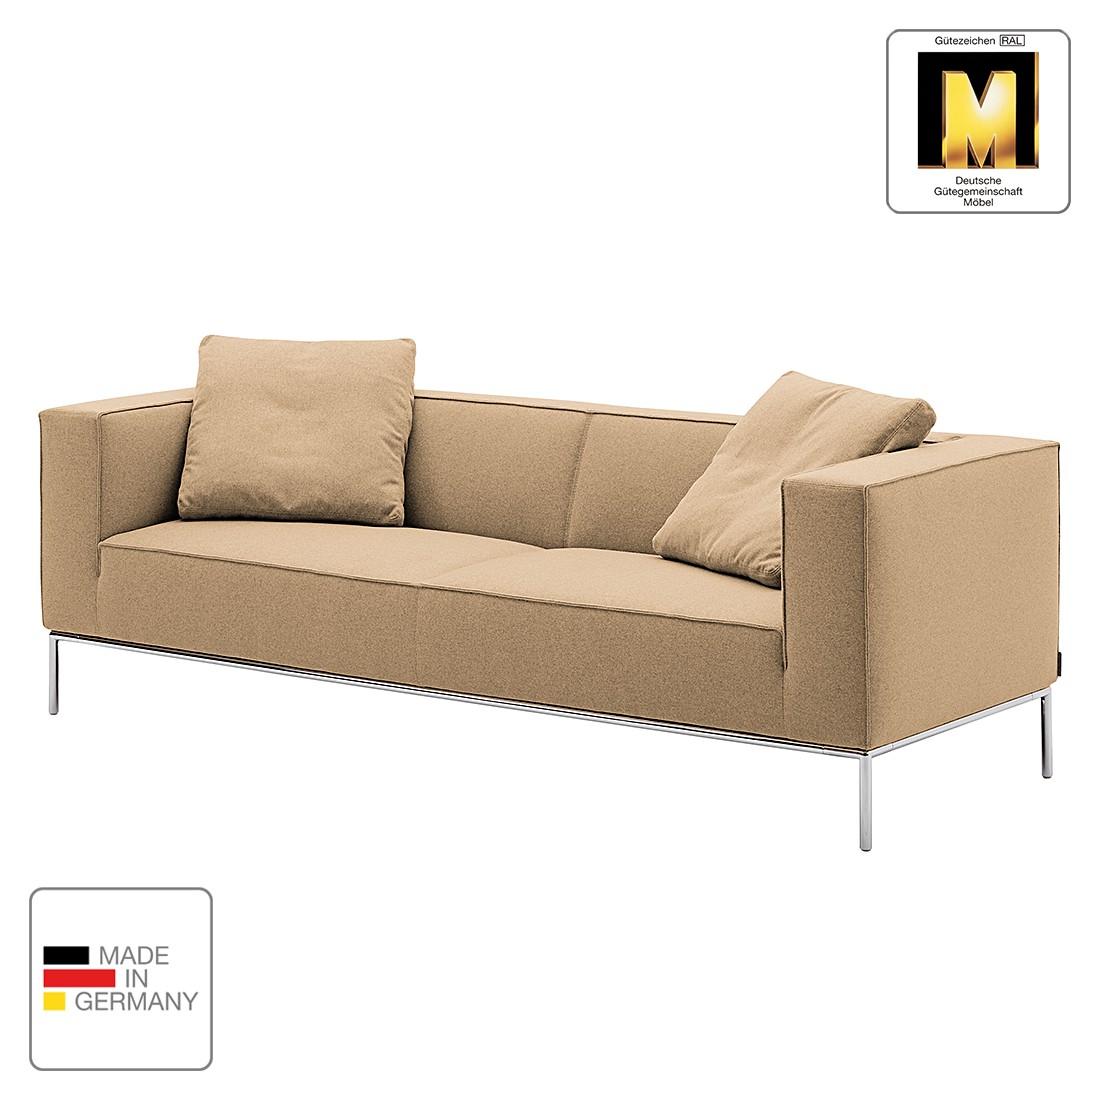 Sofa Greg (3-Sitzer) - Webstoff - Nougat - 2 Kissen, Machalke Polsterwerkstätten